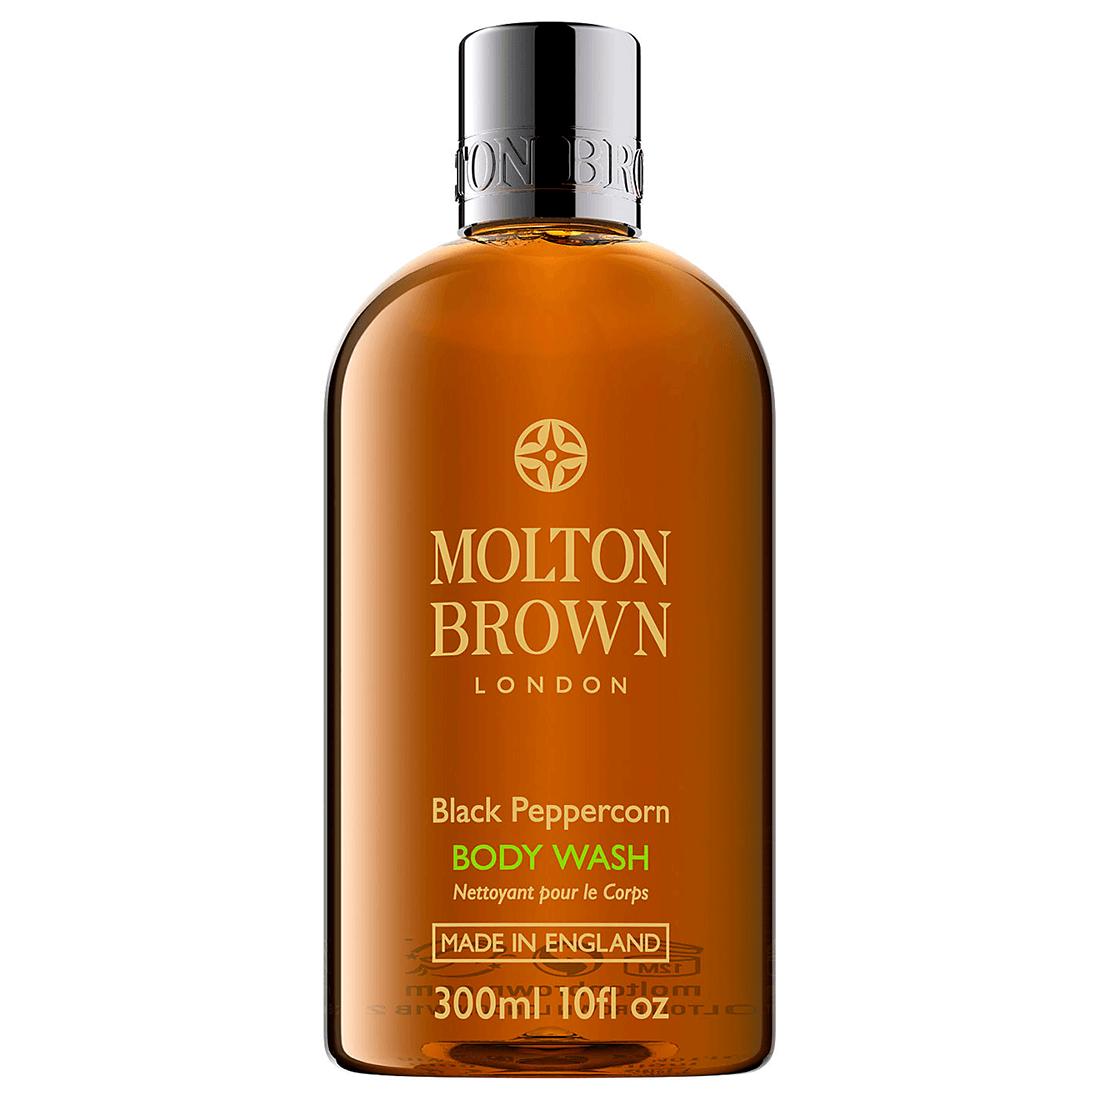 molton-brown-black-peppercorn-body-wash